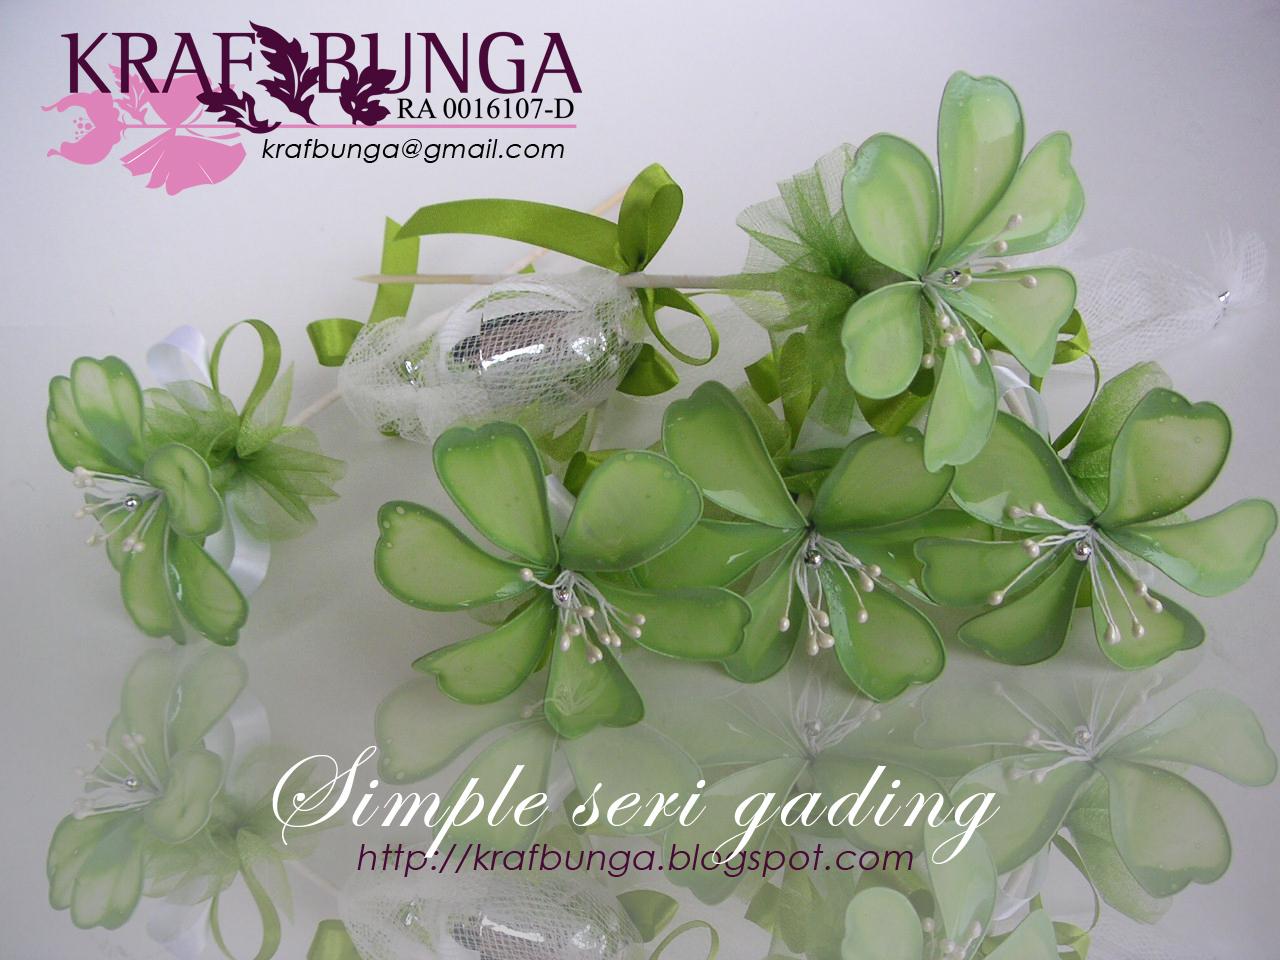 http://4.bp.blogspot.com/-1kFQYcaGL74/TZP3CzHYfYI/AAAAAAAAA-0/YWZSDYhUsig/s1600/simple+seri+gading+soft+green6.jpg